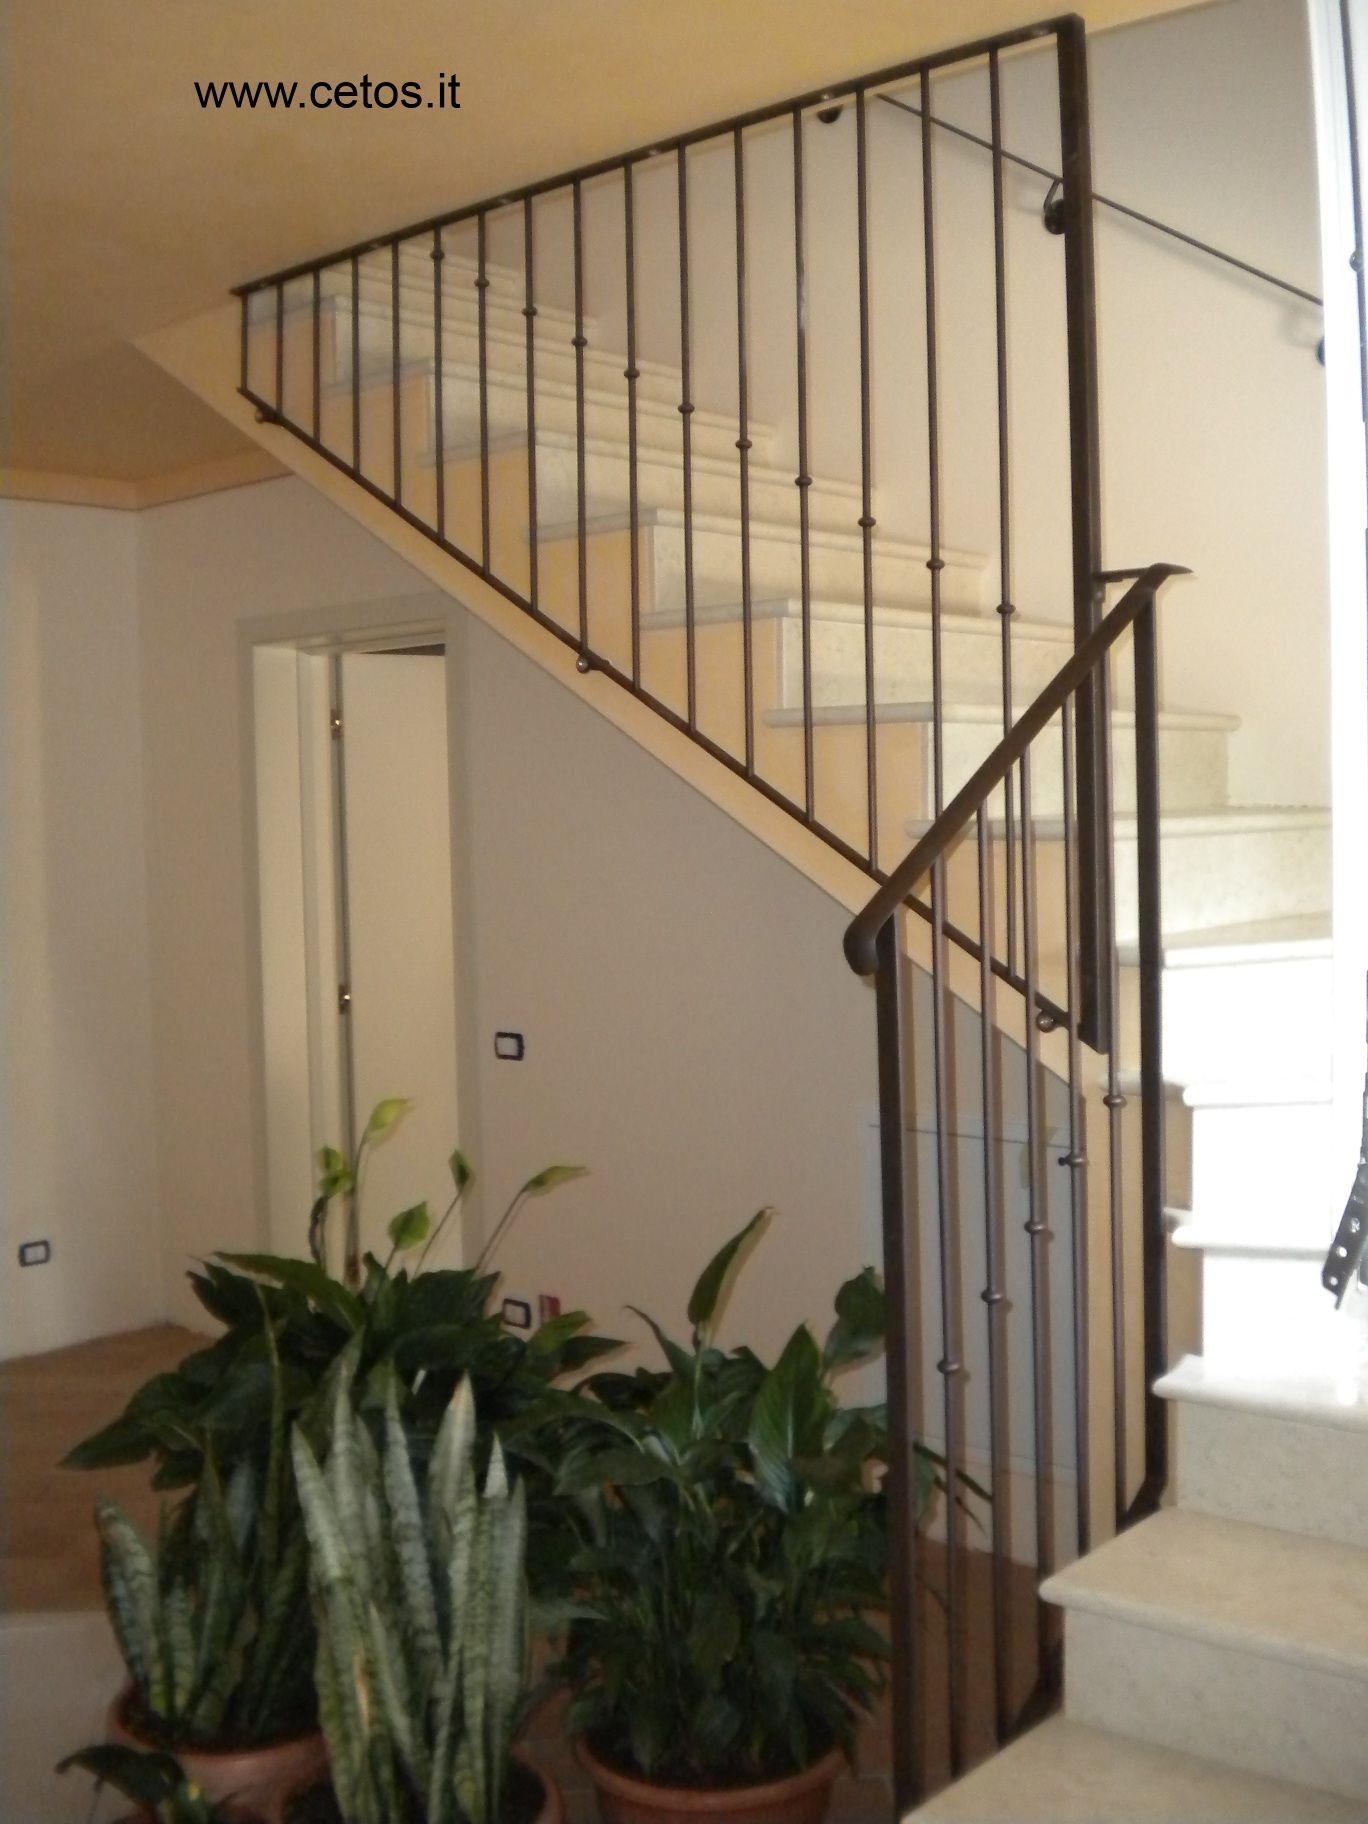 Corrimano scale interne parapetto in ferro with corrimano - Corrimano per scale interne a muro ...